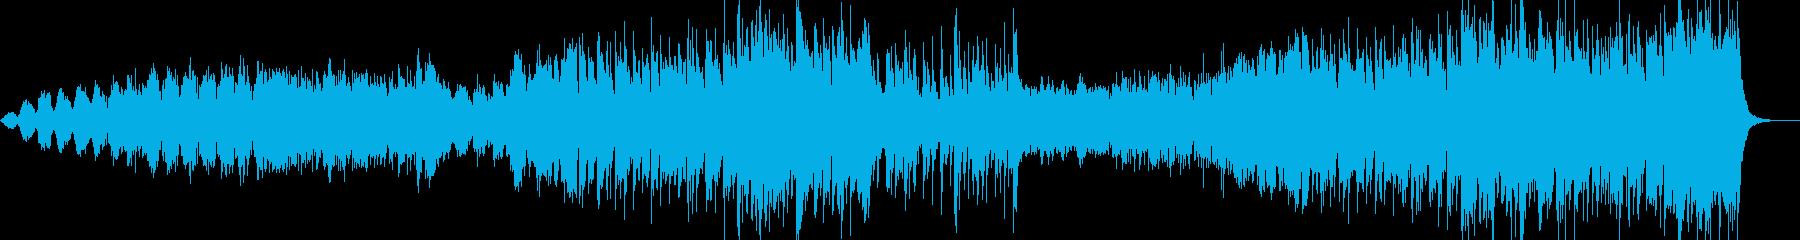 中華風BGMの再生済みの波形